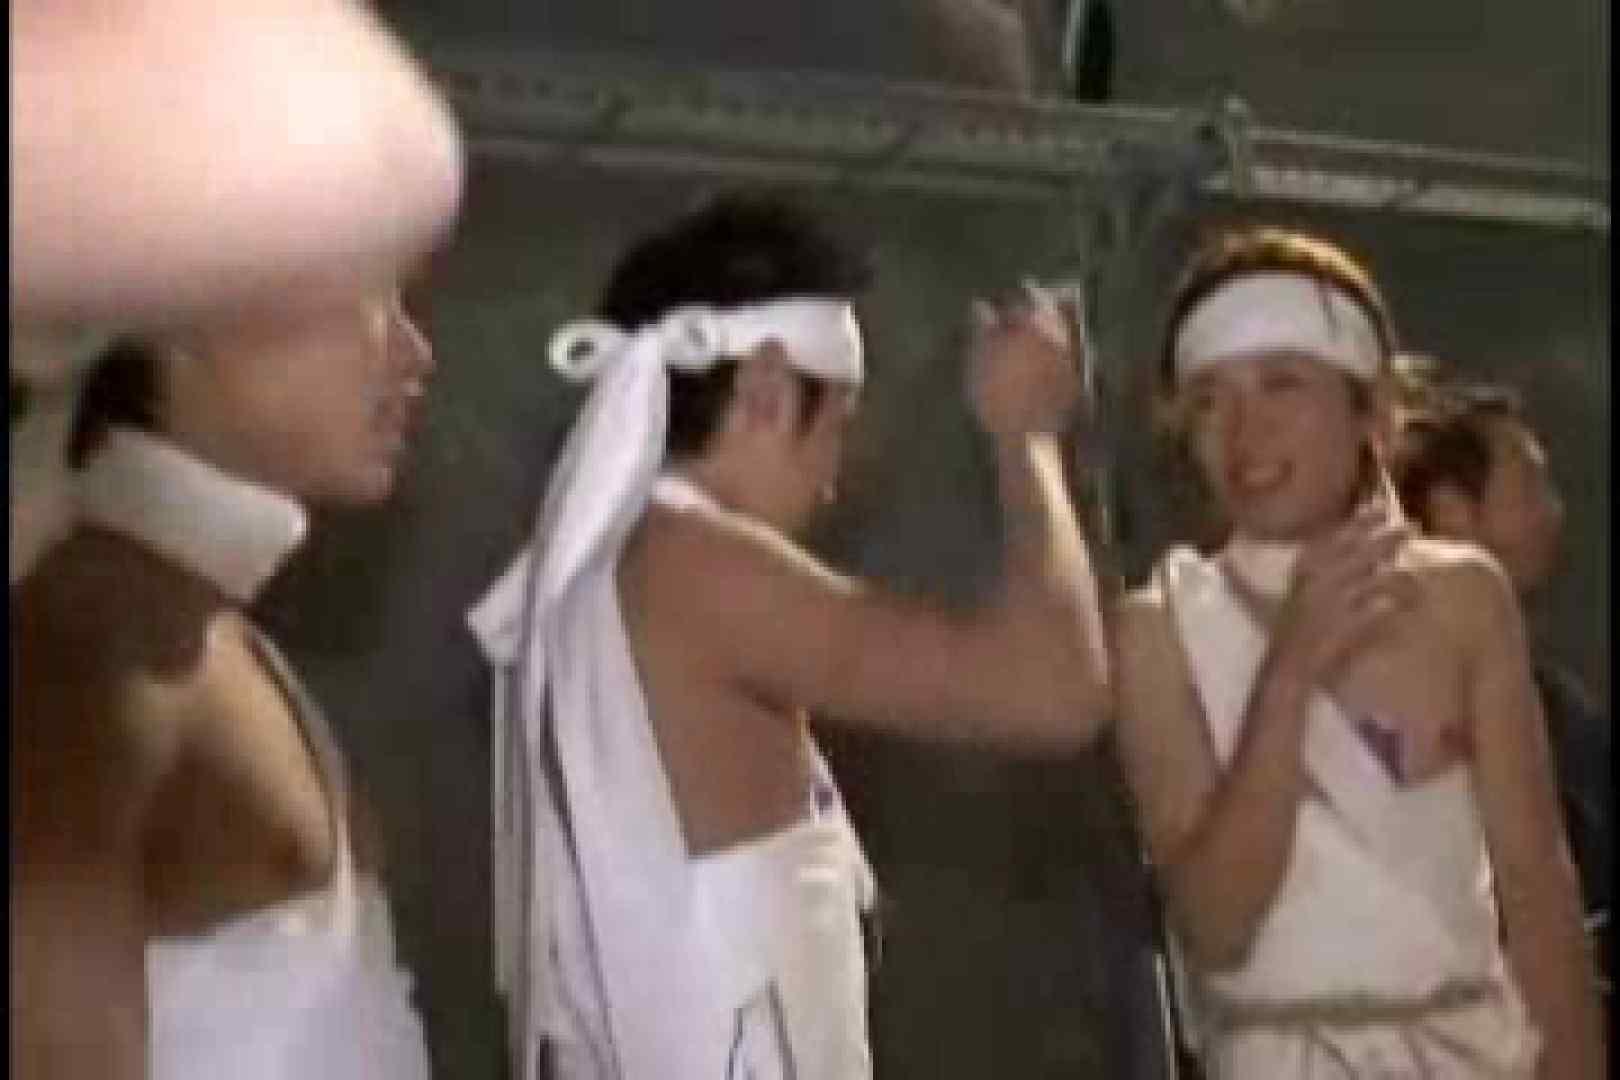 陰間茶屋 男児祭り VOL.7 男どうし | 野外露出動画 ゲイ無料無修正画像 110pic 43